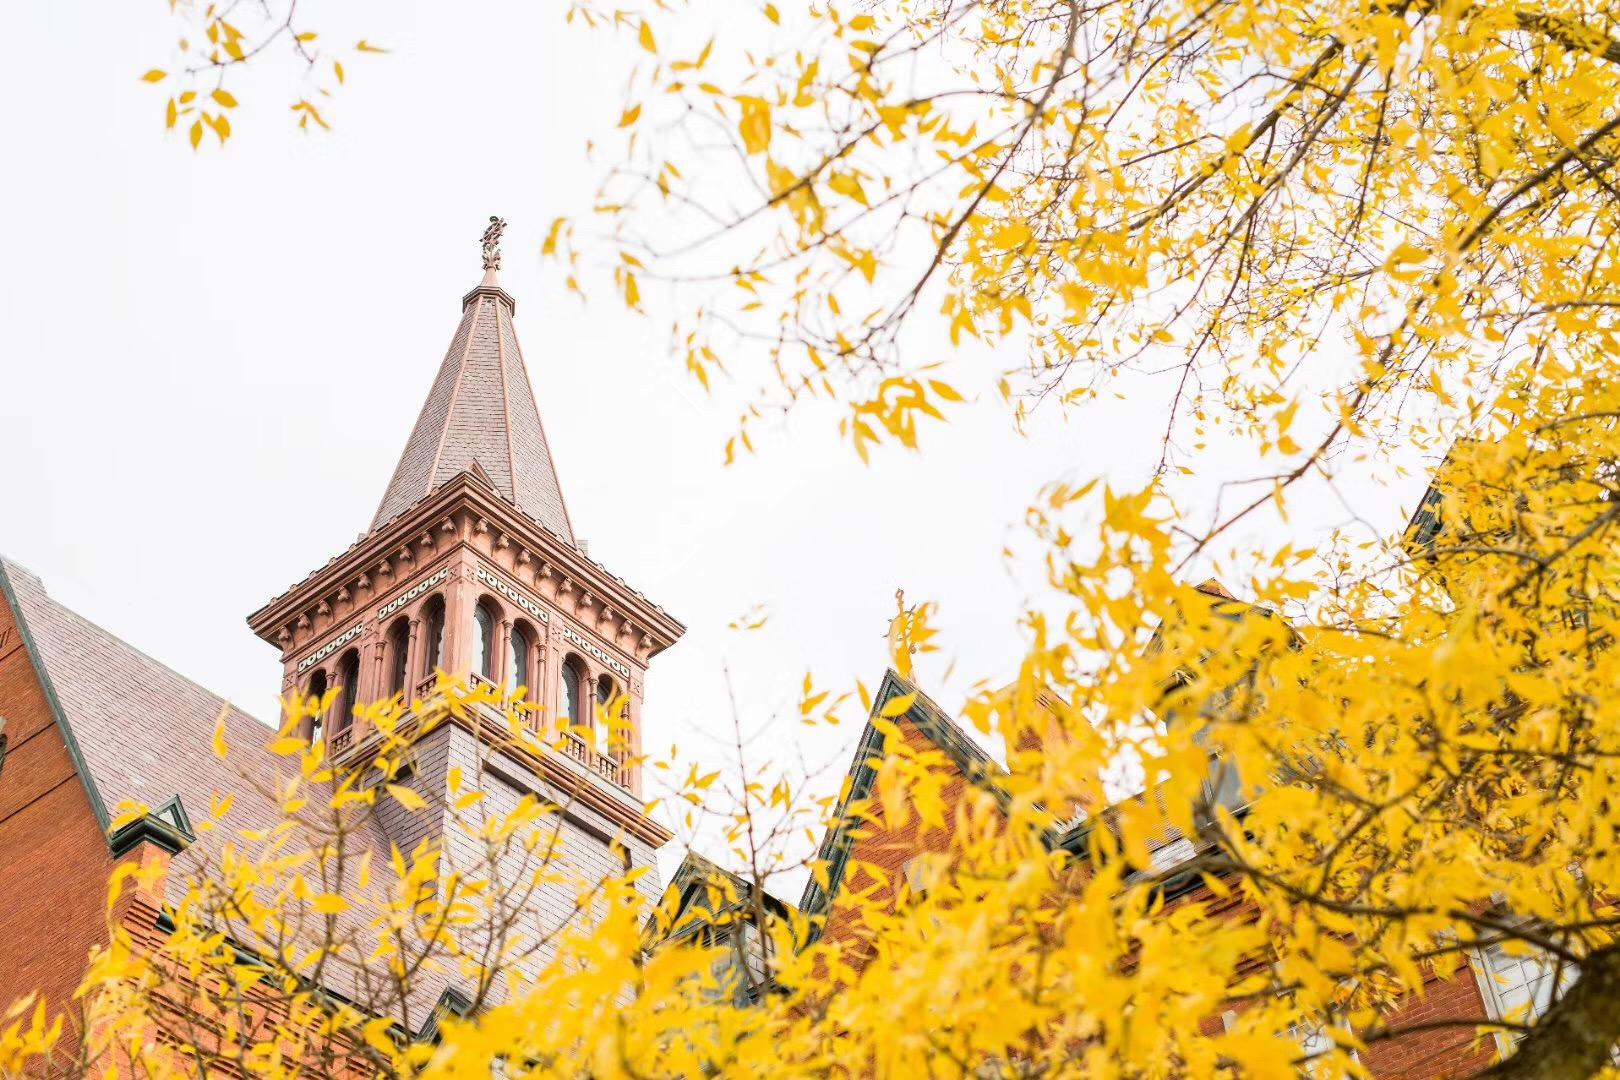 留学首选加州?其实美国这个州的大学数量、质量同样Top级!